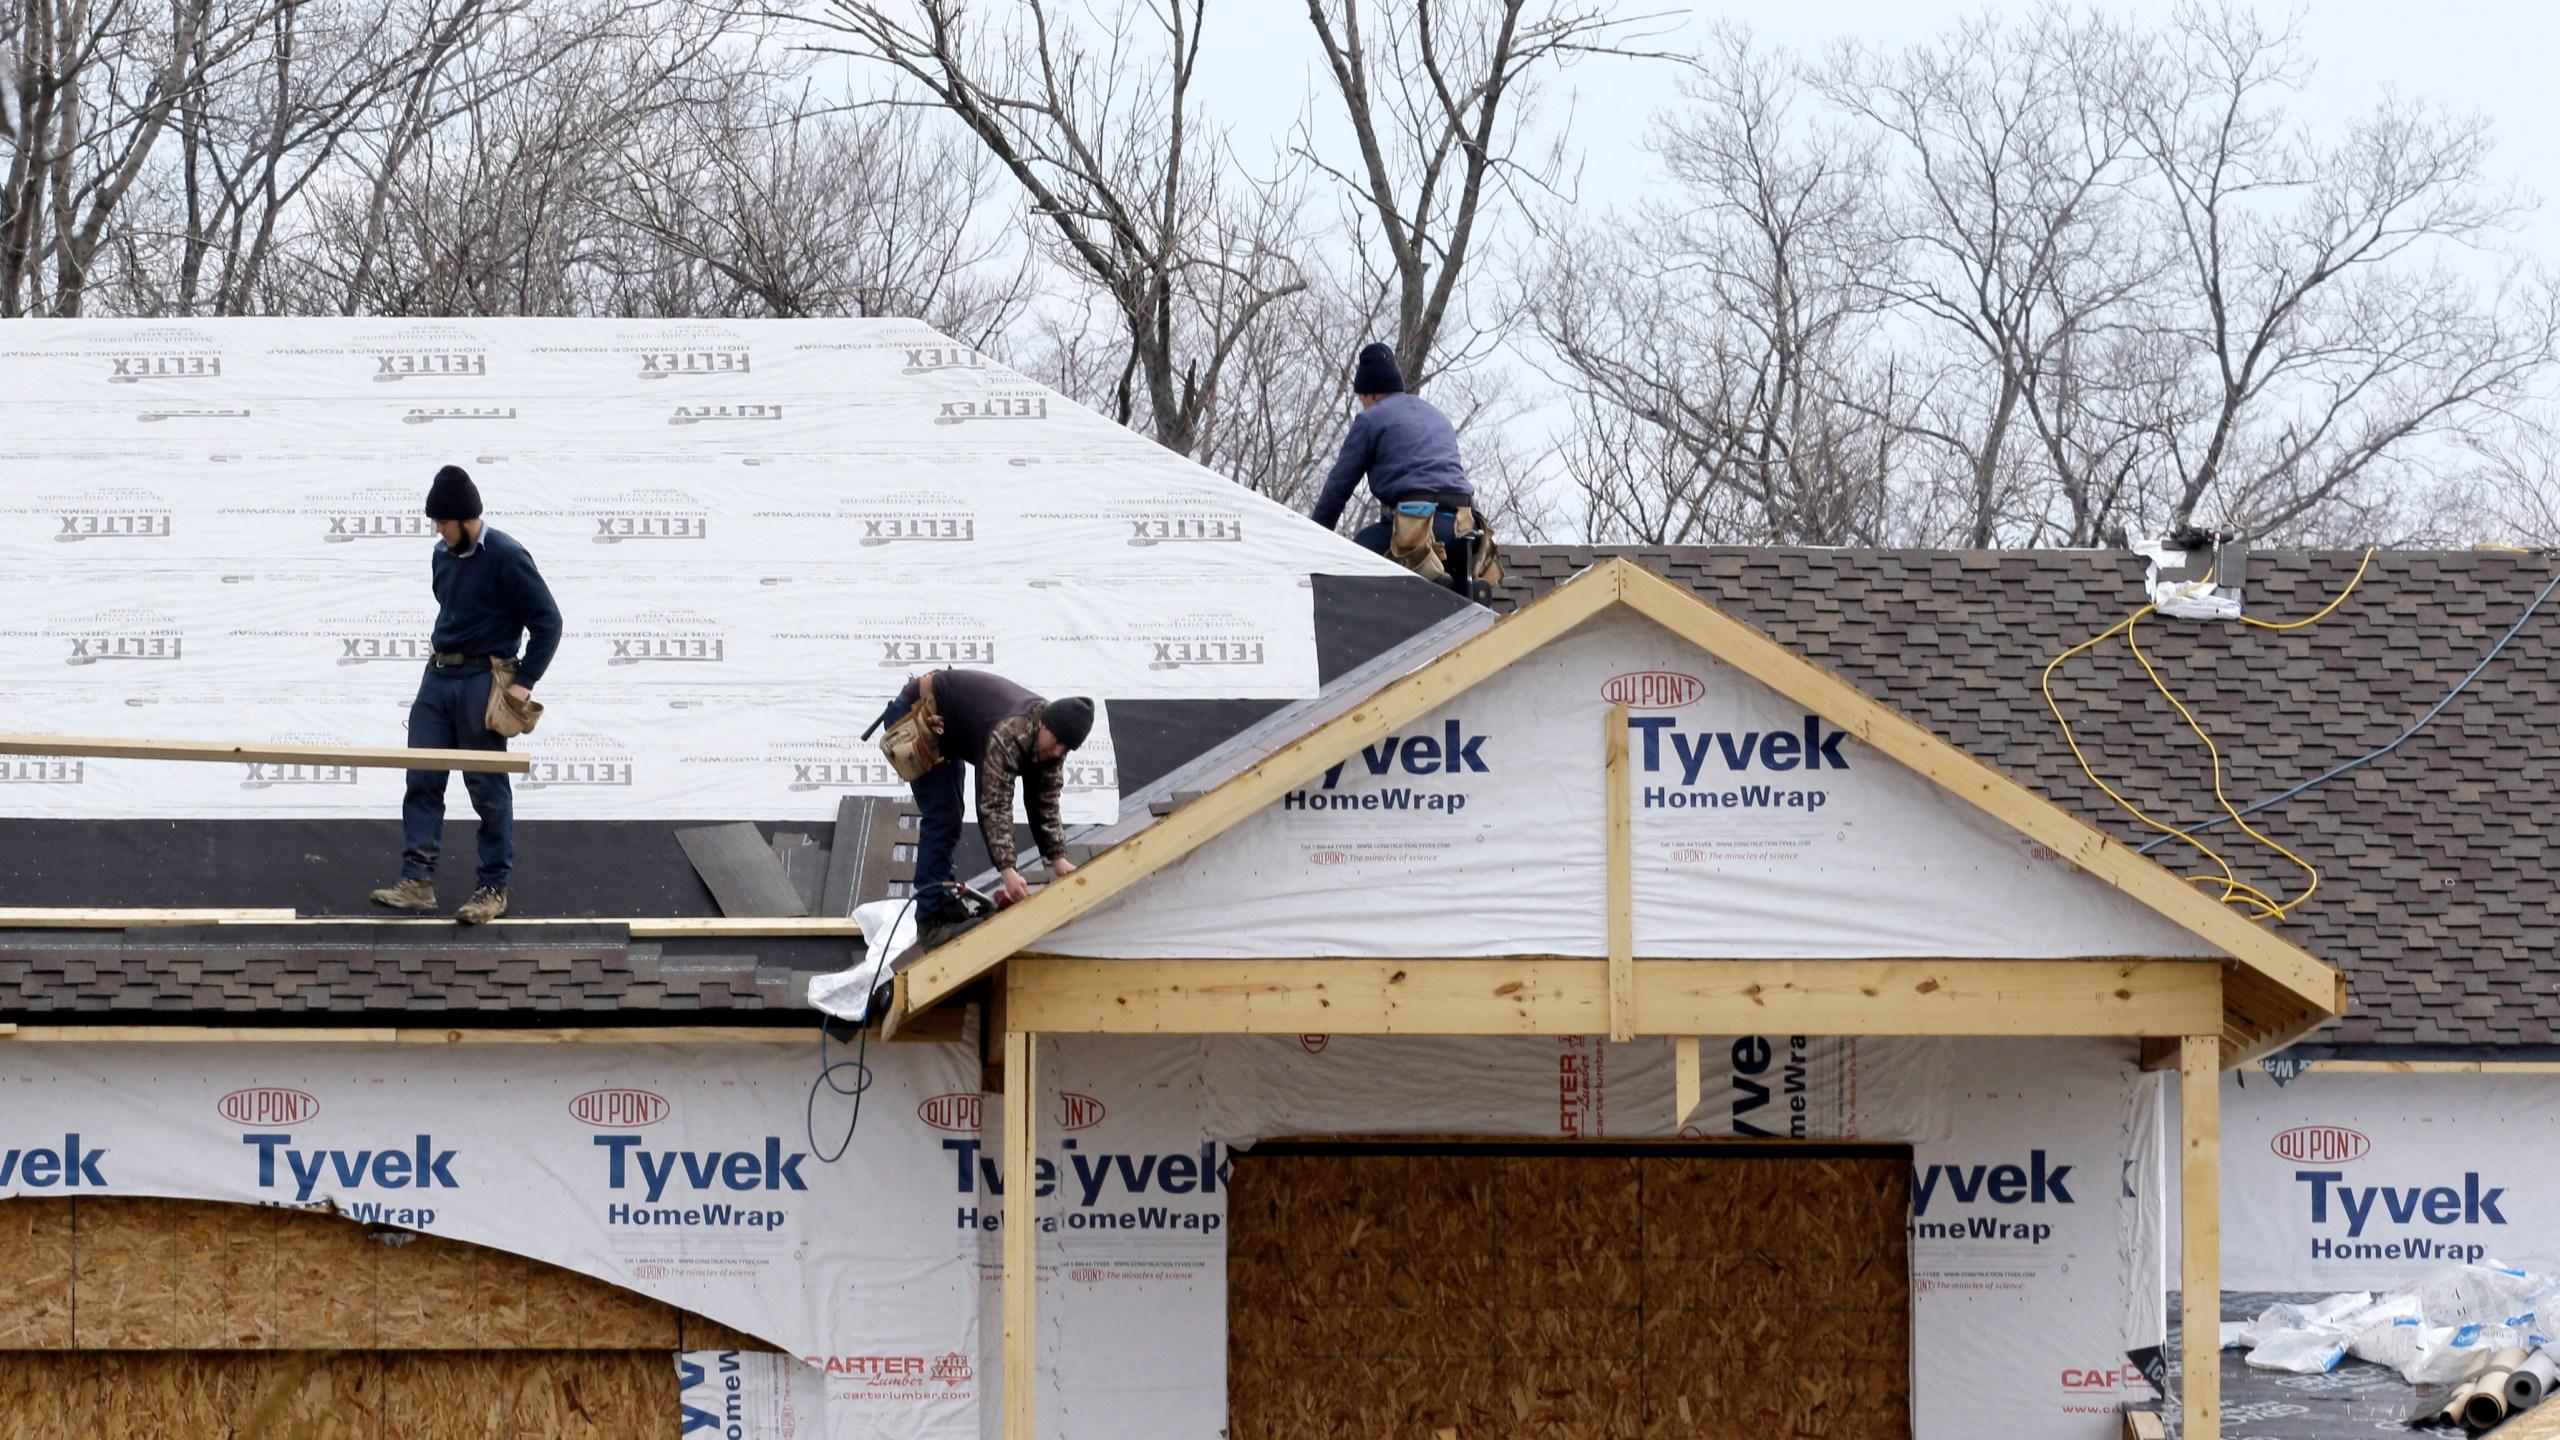 Construction_Spending_03910-159532.jpg27016260